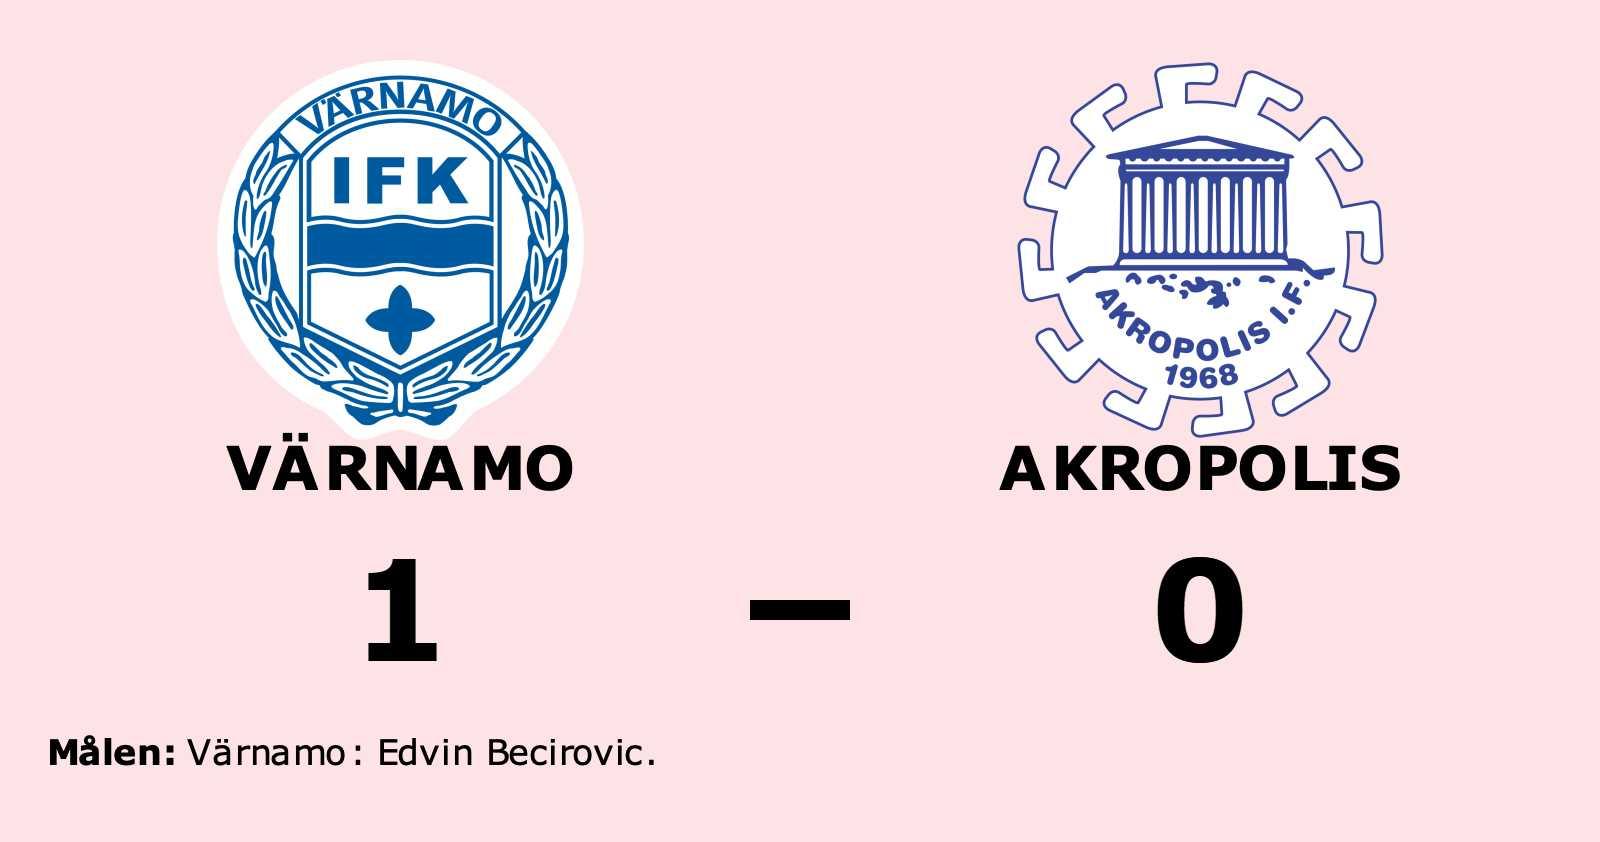 Akropolis föll borta mot Värnamo